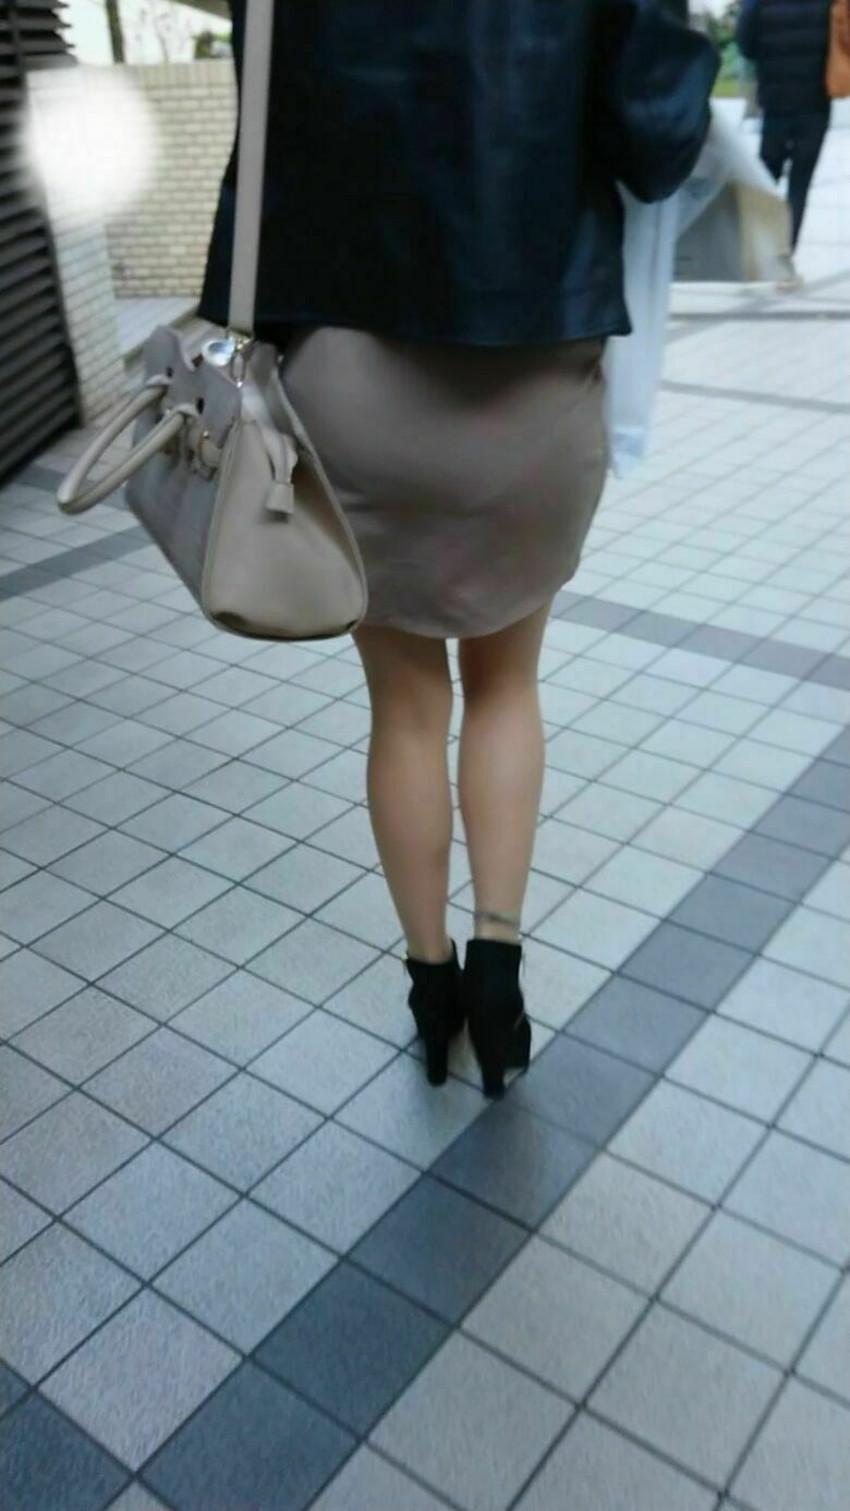 【パン線エロ画像】街中で素人女子のパン線探しちゃう男子必見!素人娘のタイトスカートやスキニーパンツからパンティーラインが丸見えのパン線エロ画像集ww【80枚】 52